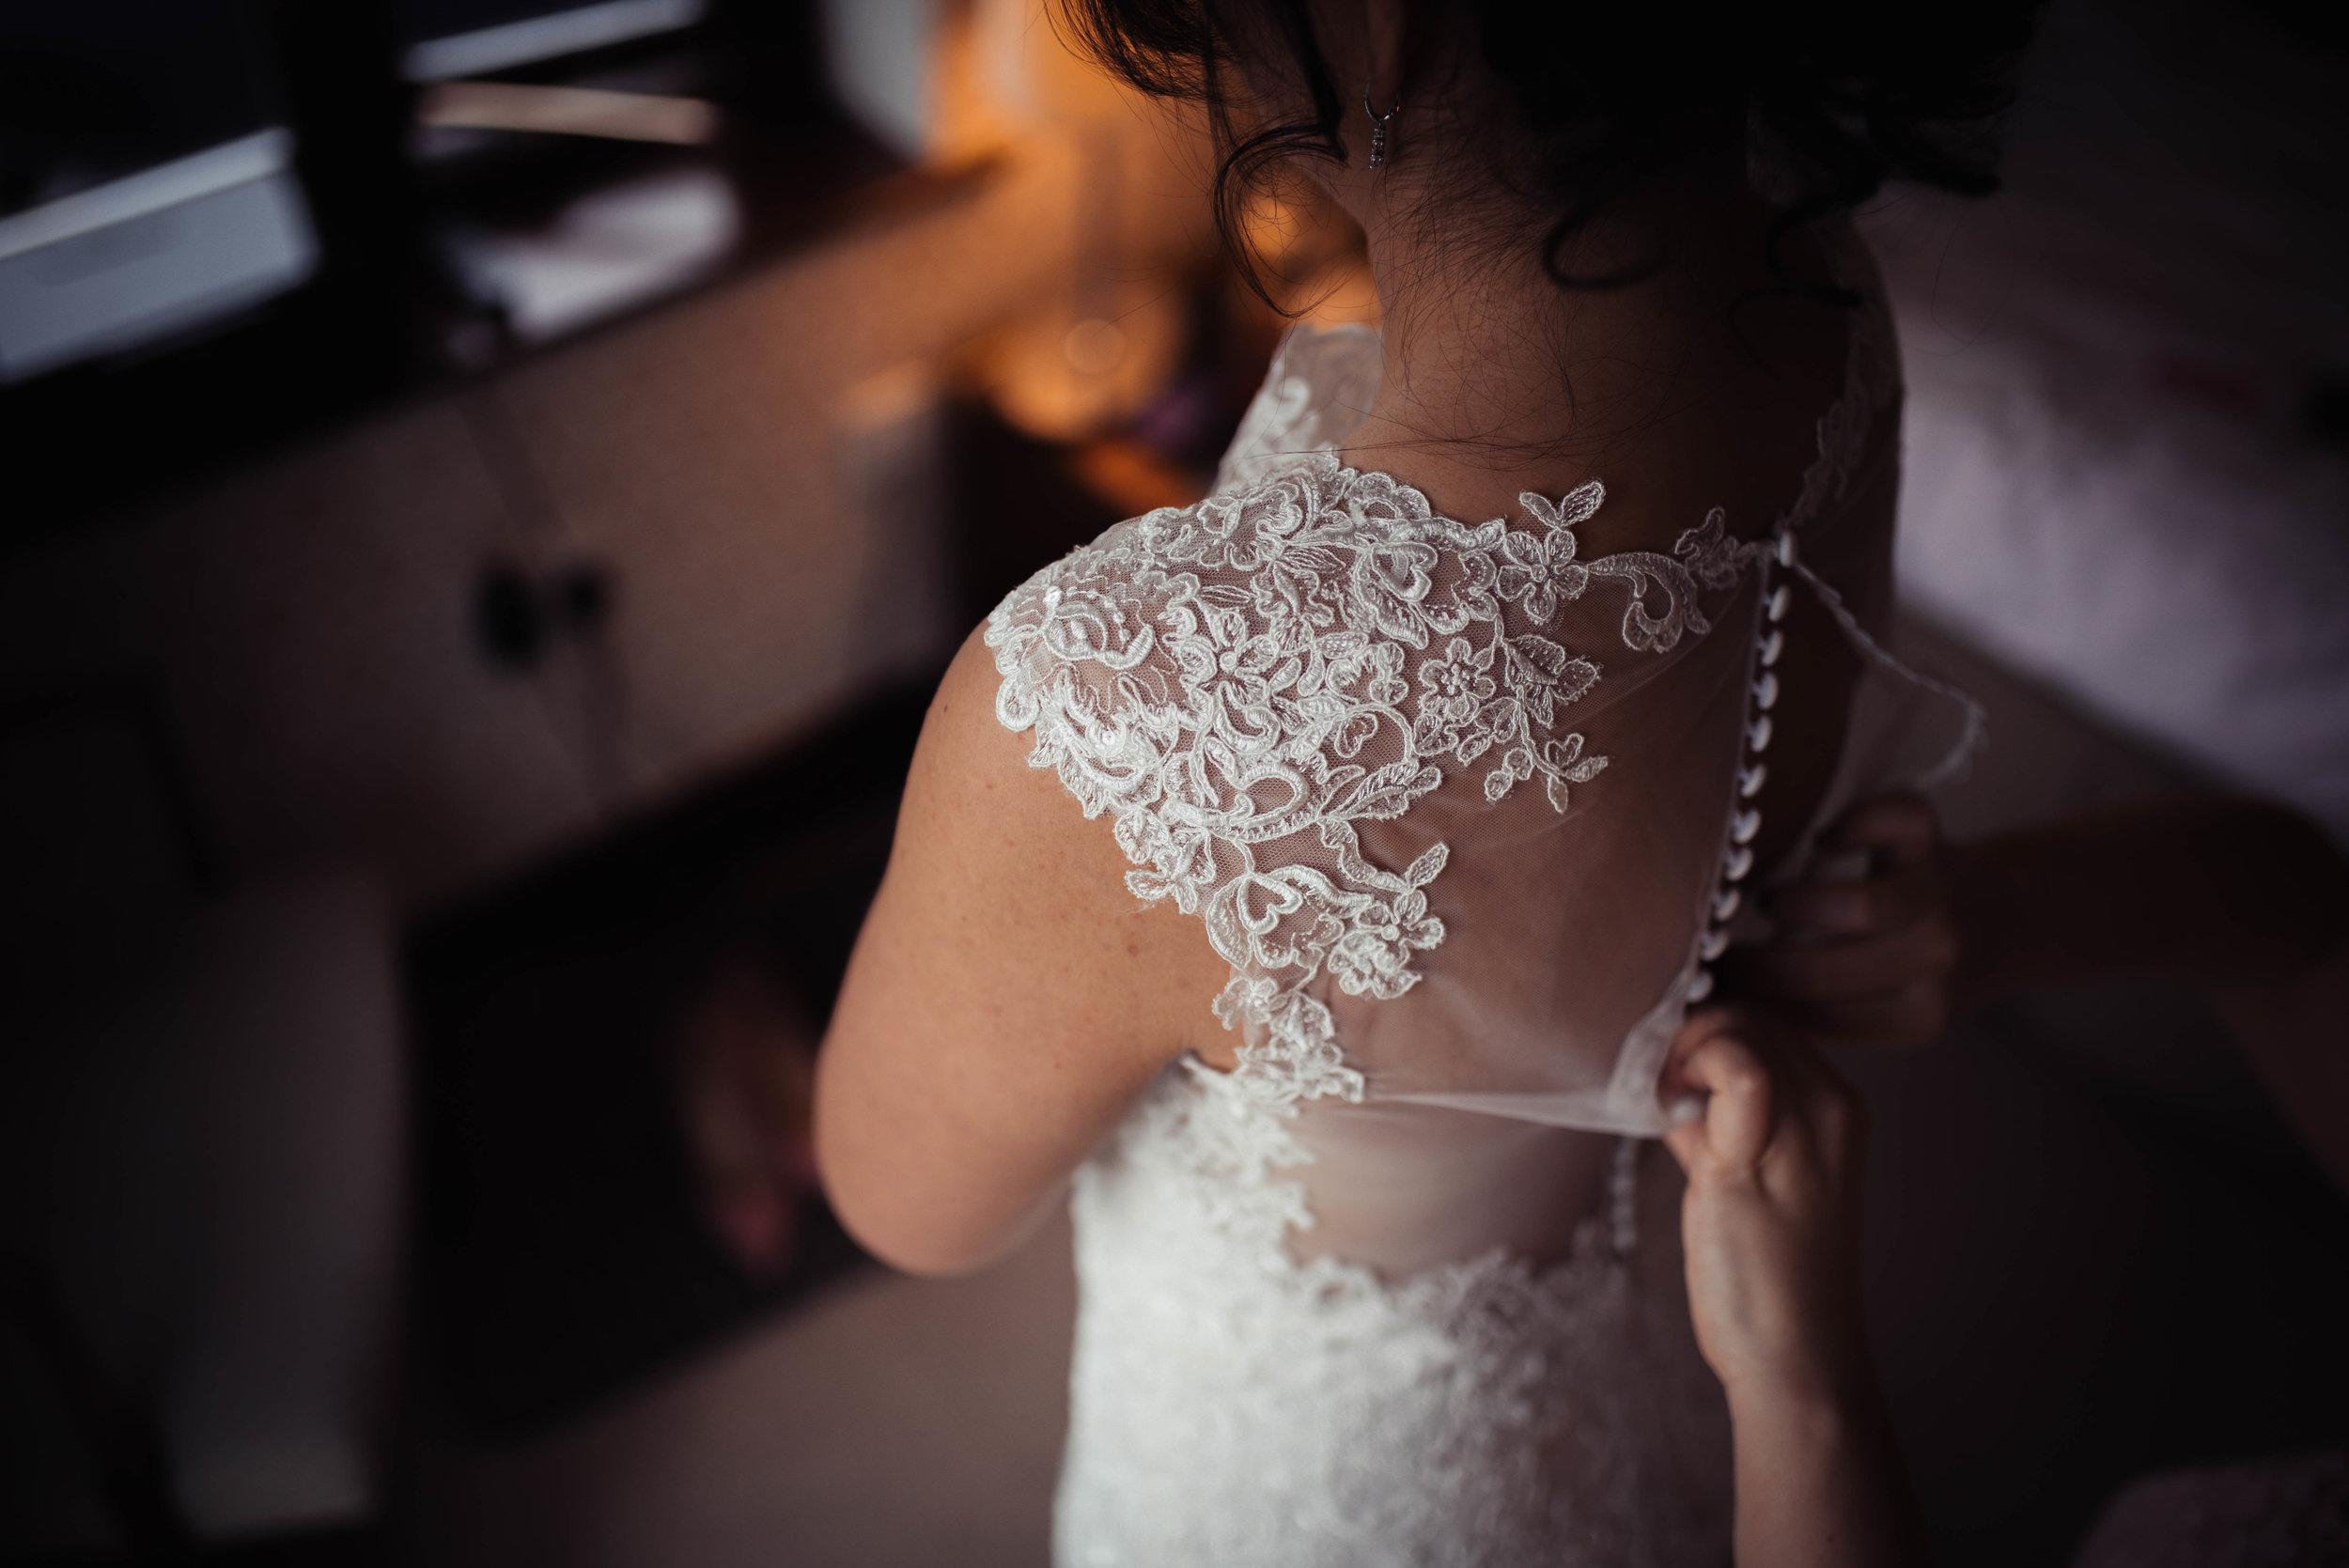 Details on the brides lace dress